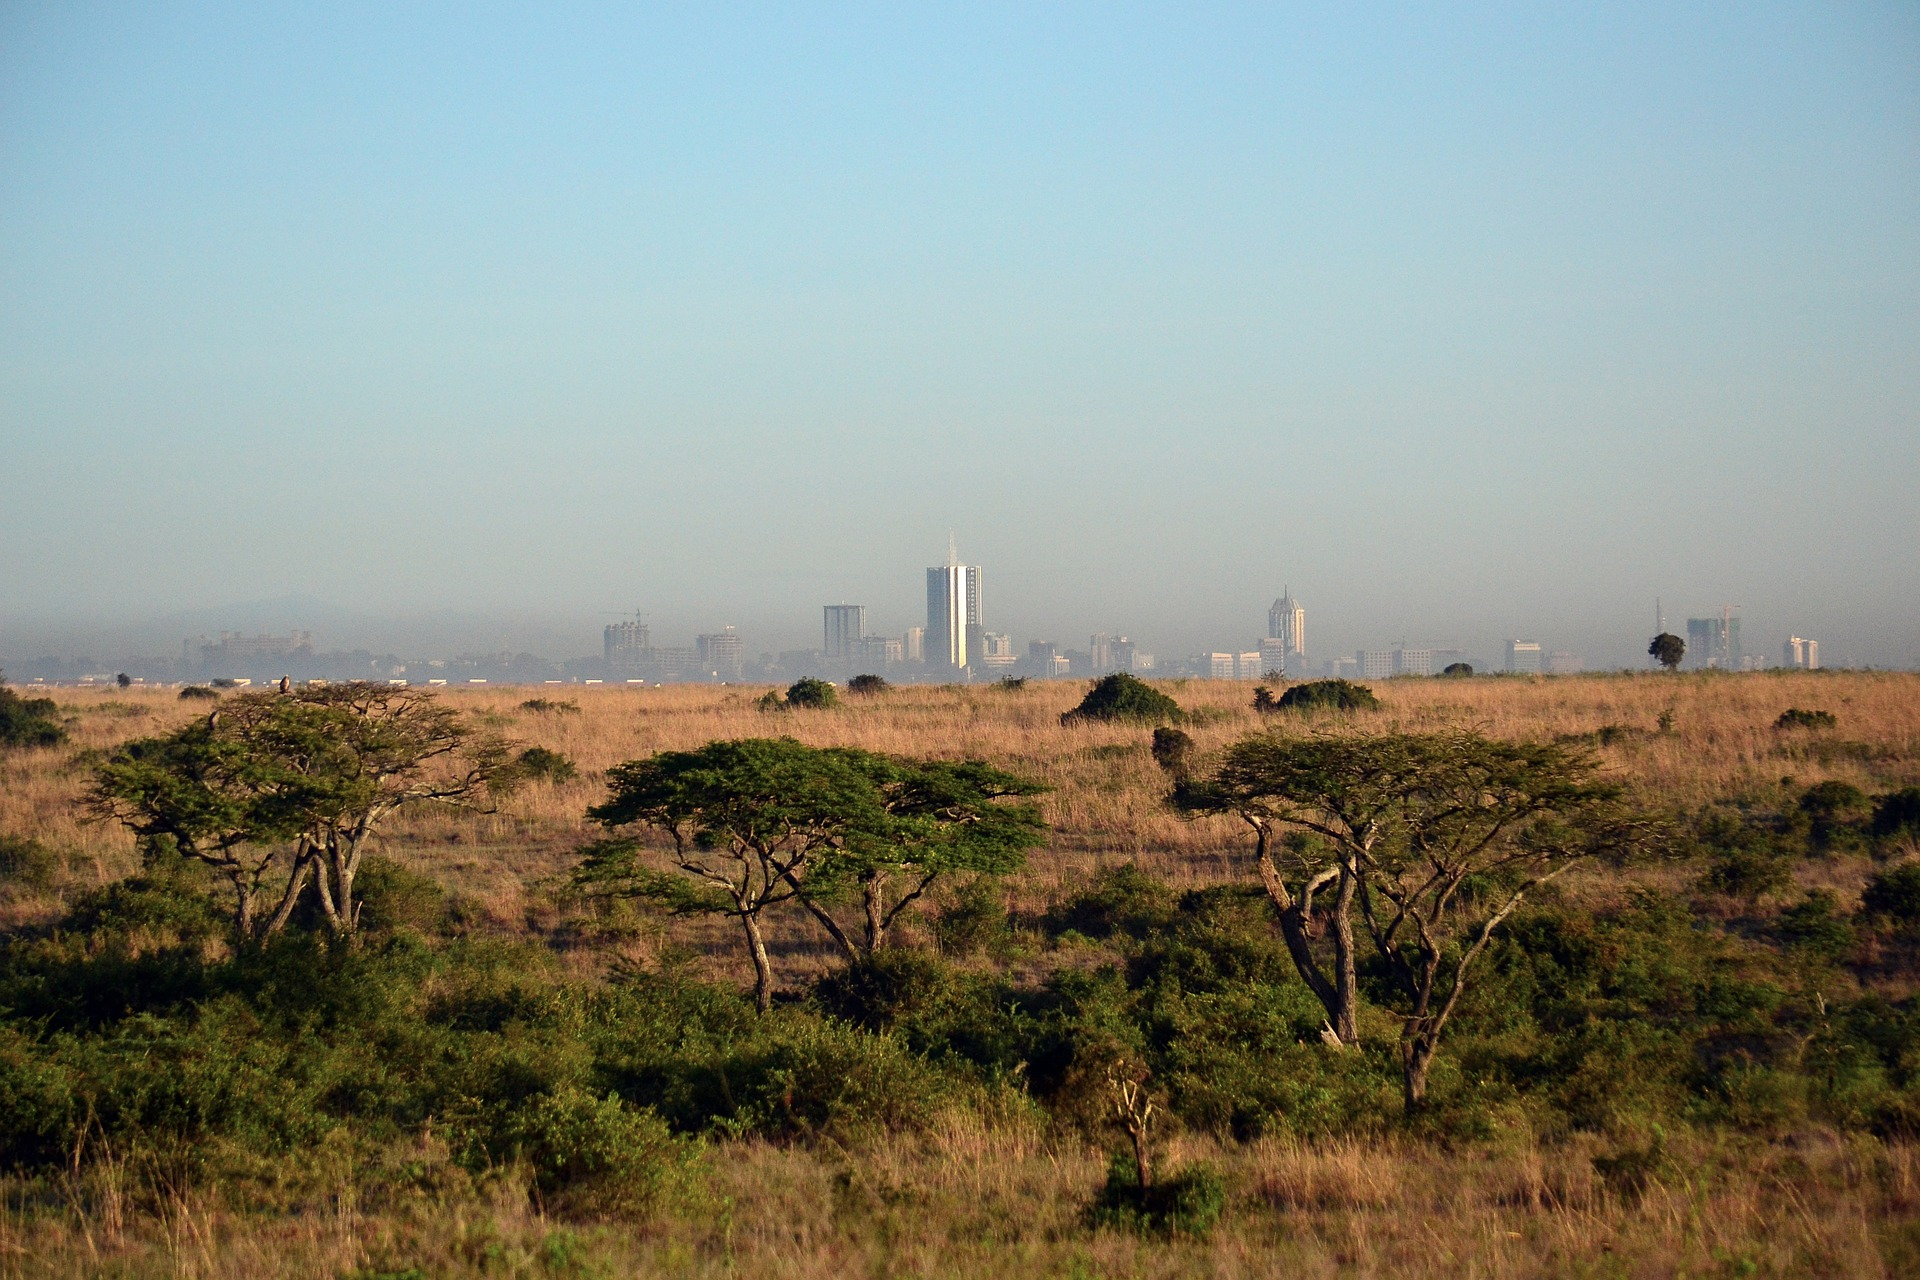 Elige bien qué lugares visitar en Kenia